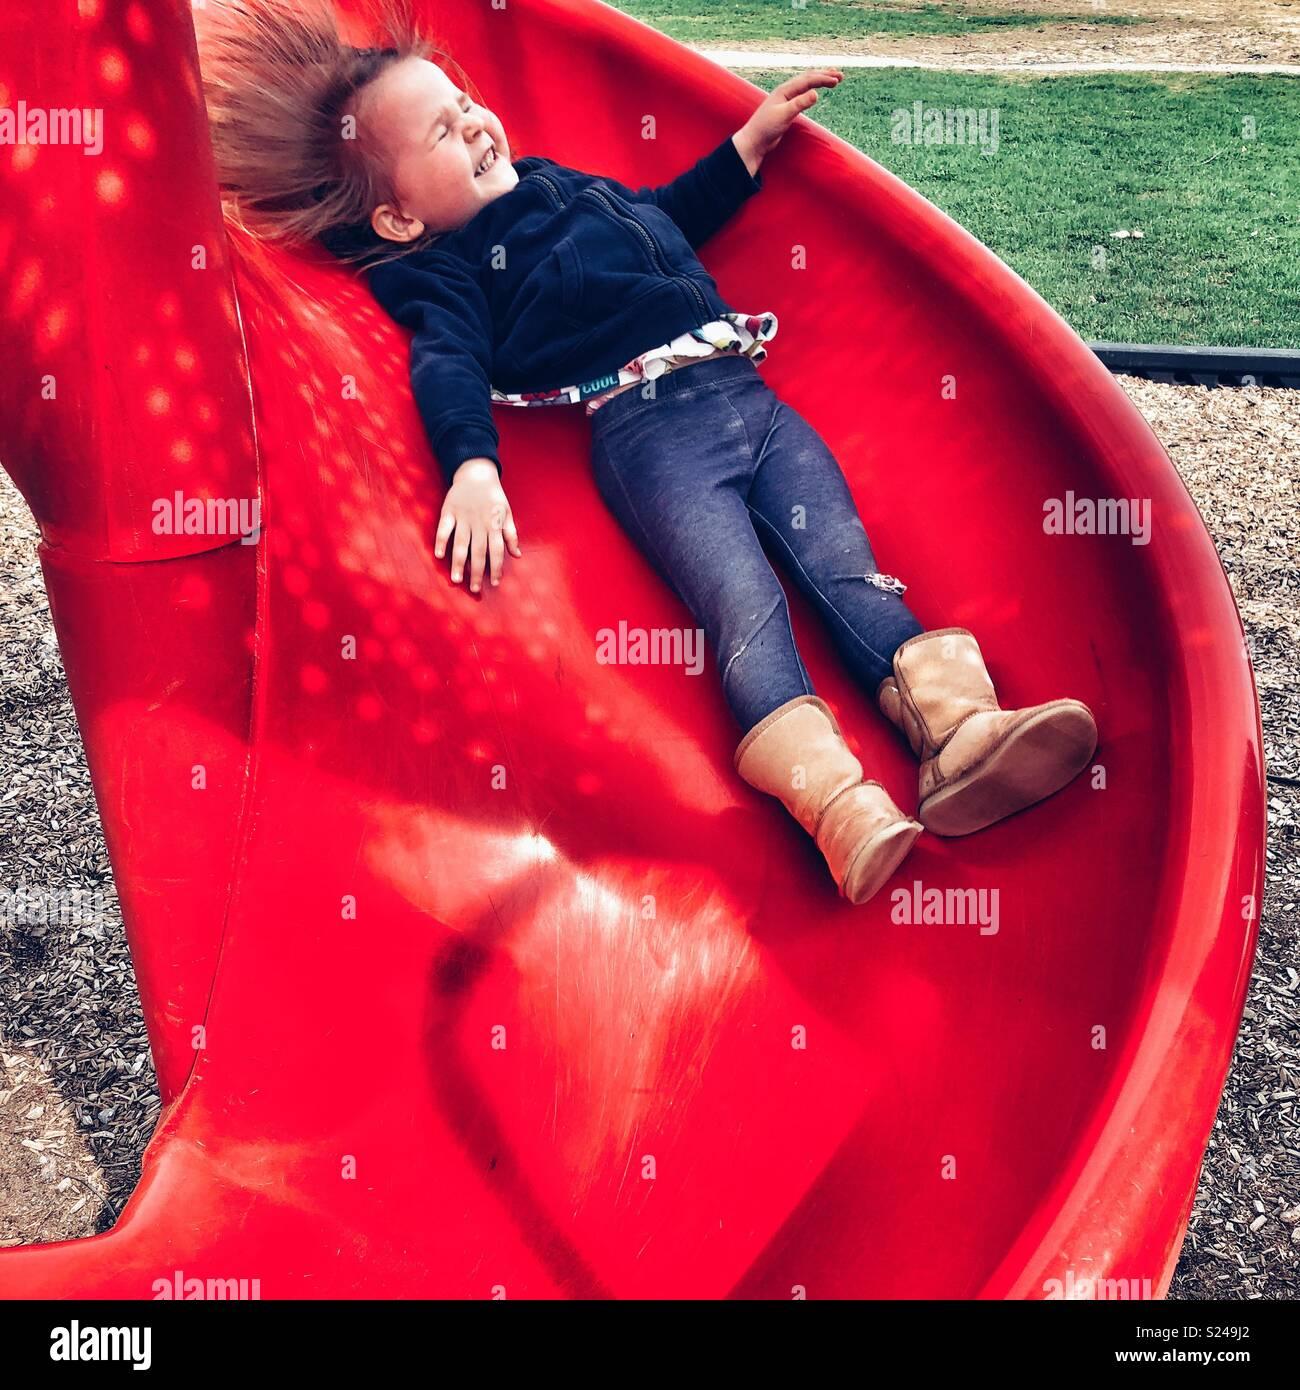 Chica sonriente niño feliz mientras se desliza hacia abajo un patio rojo diapositiva Imagen De Stock